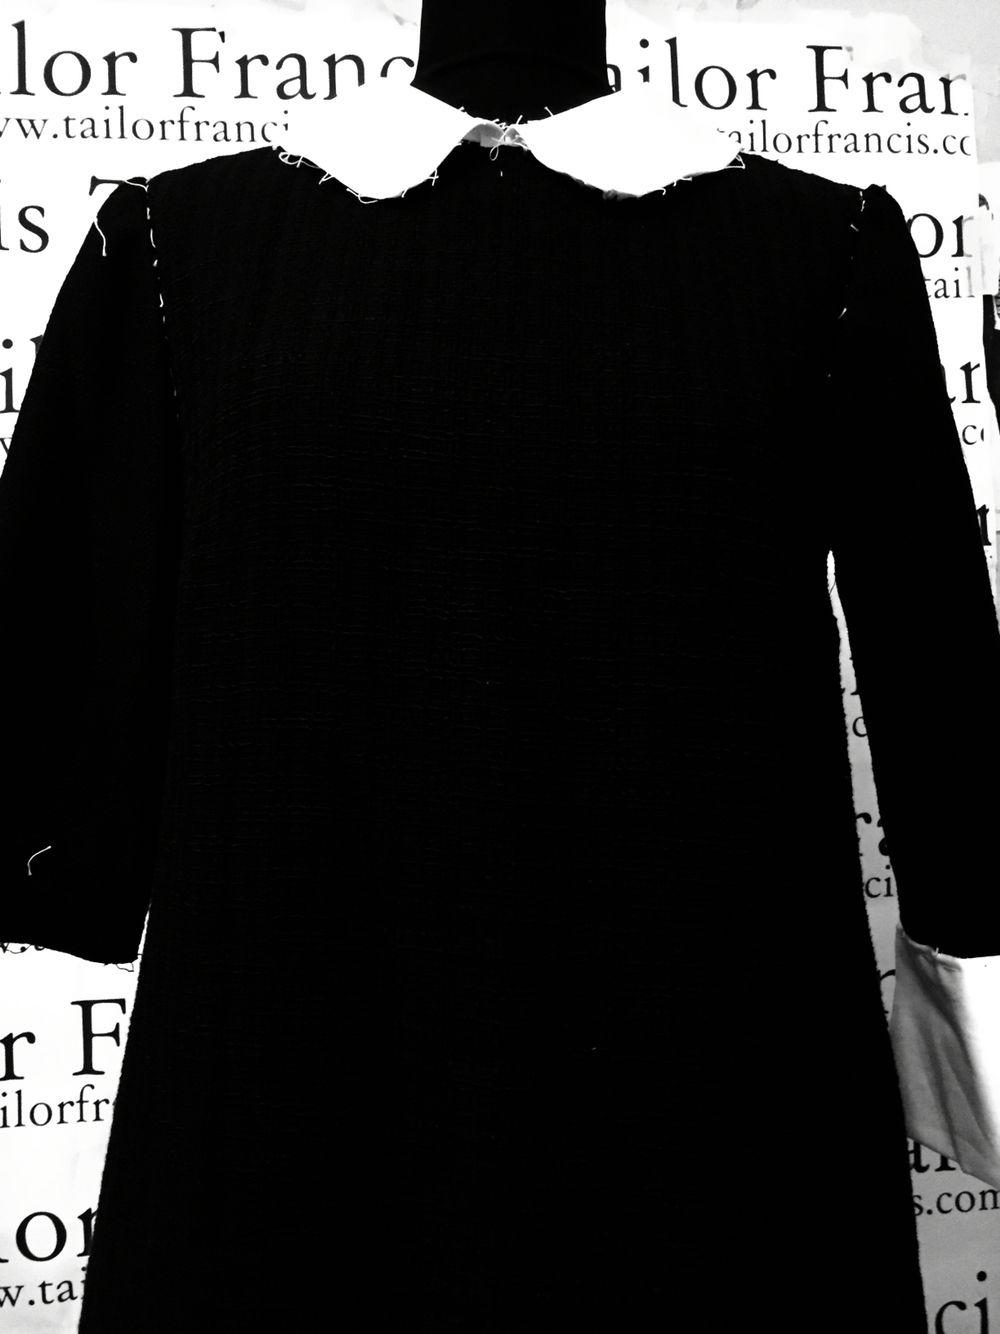 Work in Progress Tailor Francis Abitino nero a campana maniche a tre quarti e colletto francese alla paggio - Little black bell-three-quarter sleeves and collar French pageboy